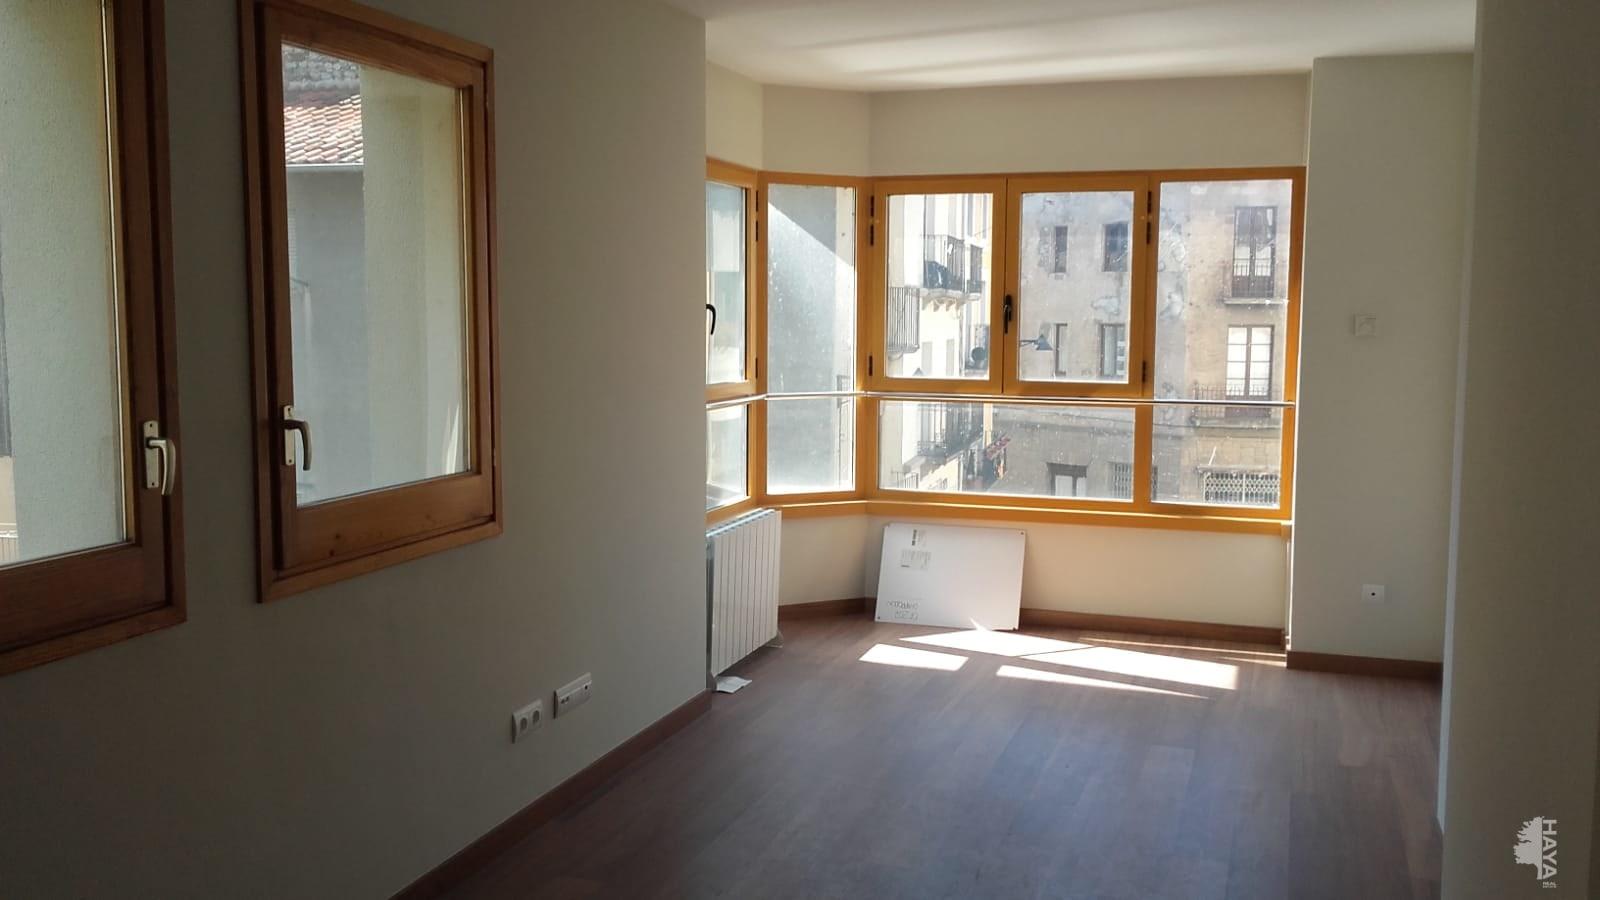 Piso en venta en Camprodon, Girona, Plaza Cesar August Torres, 300.744 €, 2 habitaciones, 1 baño, 115 m2